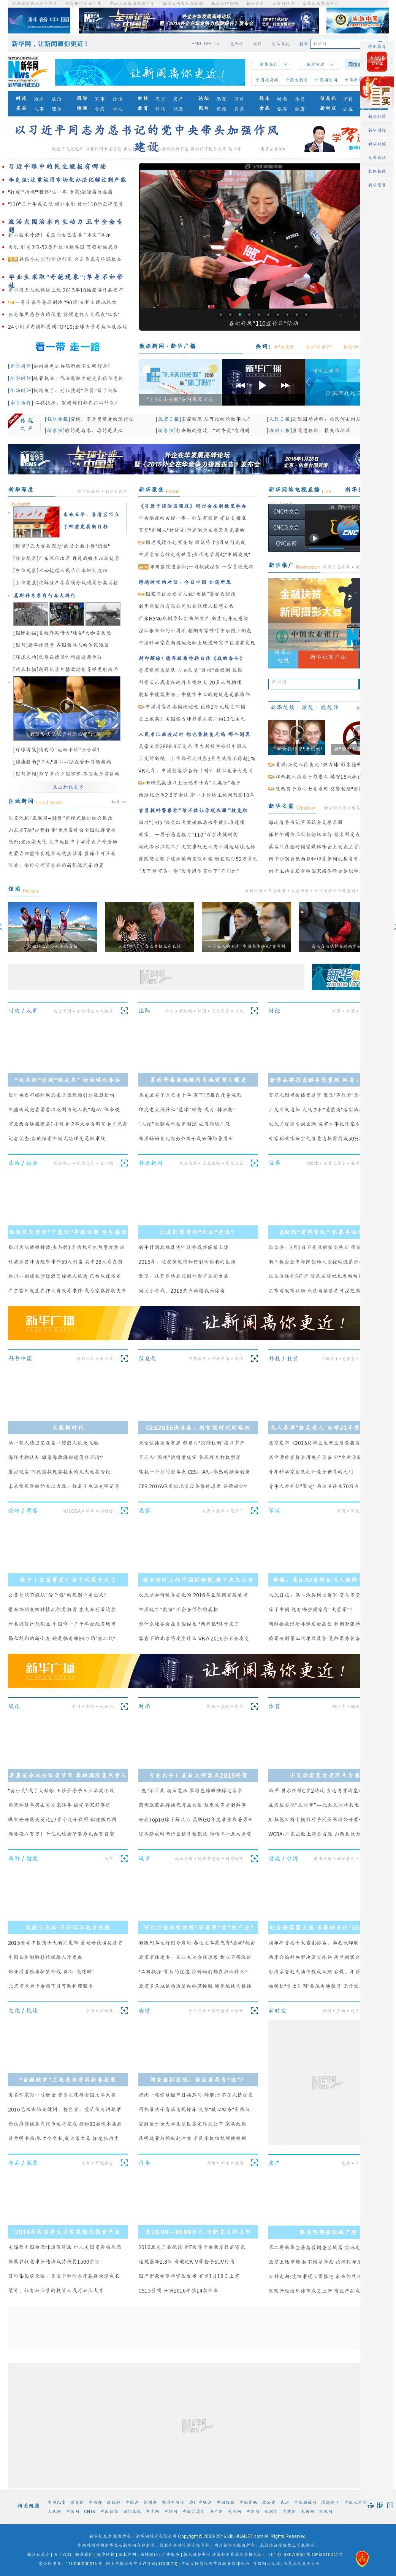 Xinhua at Sunday Jan. 10, 2016, 2:31 p.m. UTC